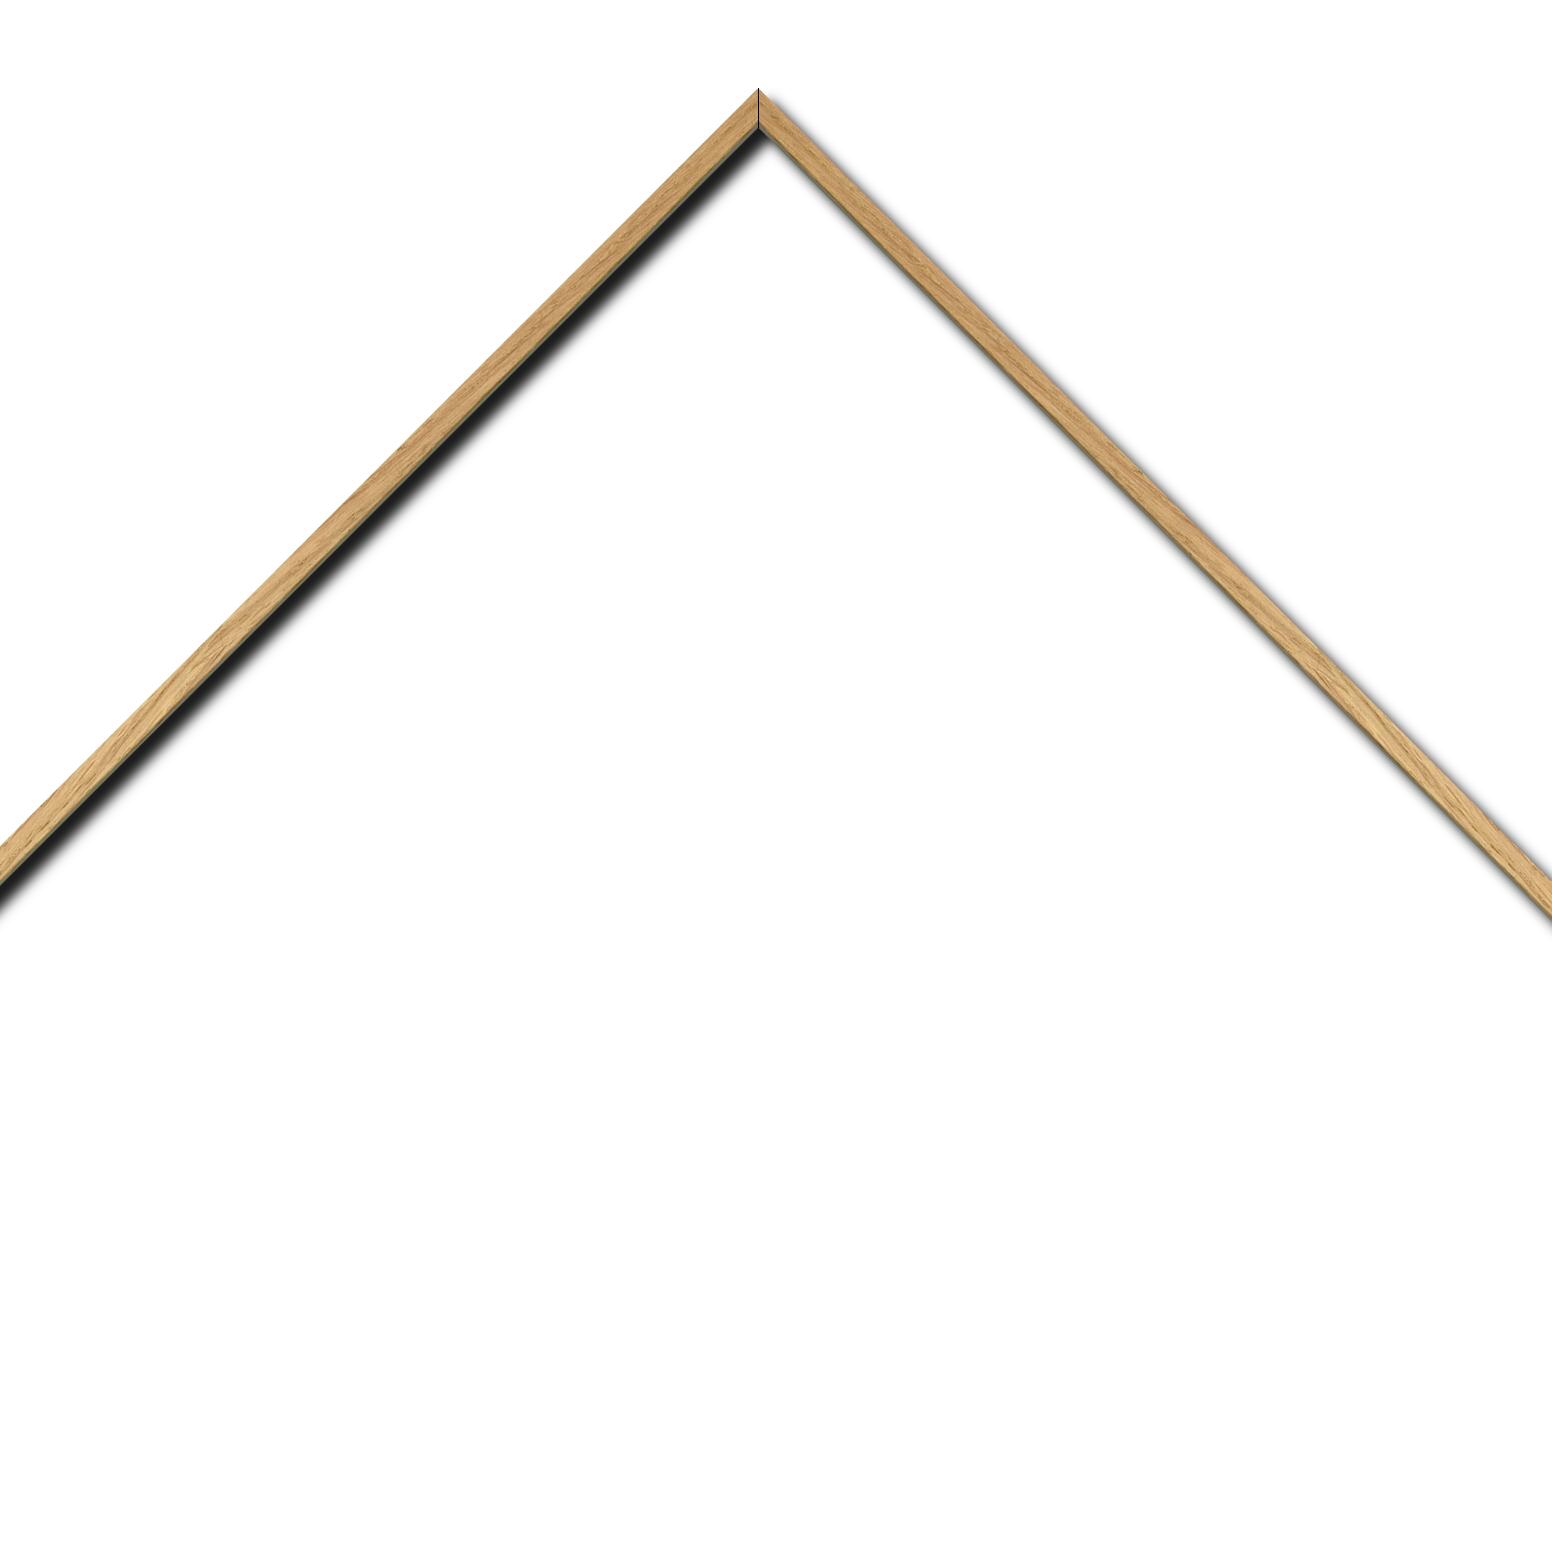 Baguette aluminium profil plat largeur 8mm, placage véritable chêne ,(le sujet qui sera glissé dans le cadre sera en retrait de 6mm de la face du cadre assurant un effet très contemporain) mise en place du sujet rapide et simple: il faut enlever les ressorts qui permet de pousser le sujet vers l'avant du cadre et ensuite à l'aide d'un tournevis plat dévisser un coté du cadre tenu par une équerre à vis à chaque angle afin de pouvoir glisser le sujet dans celui-ci et ensuite revisser le coté (encadrement livré monté prêt à l'emploi )